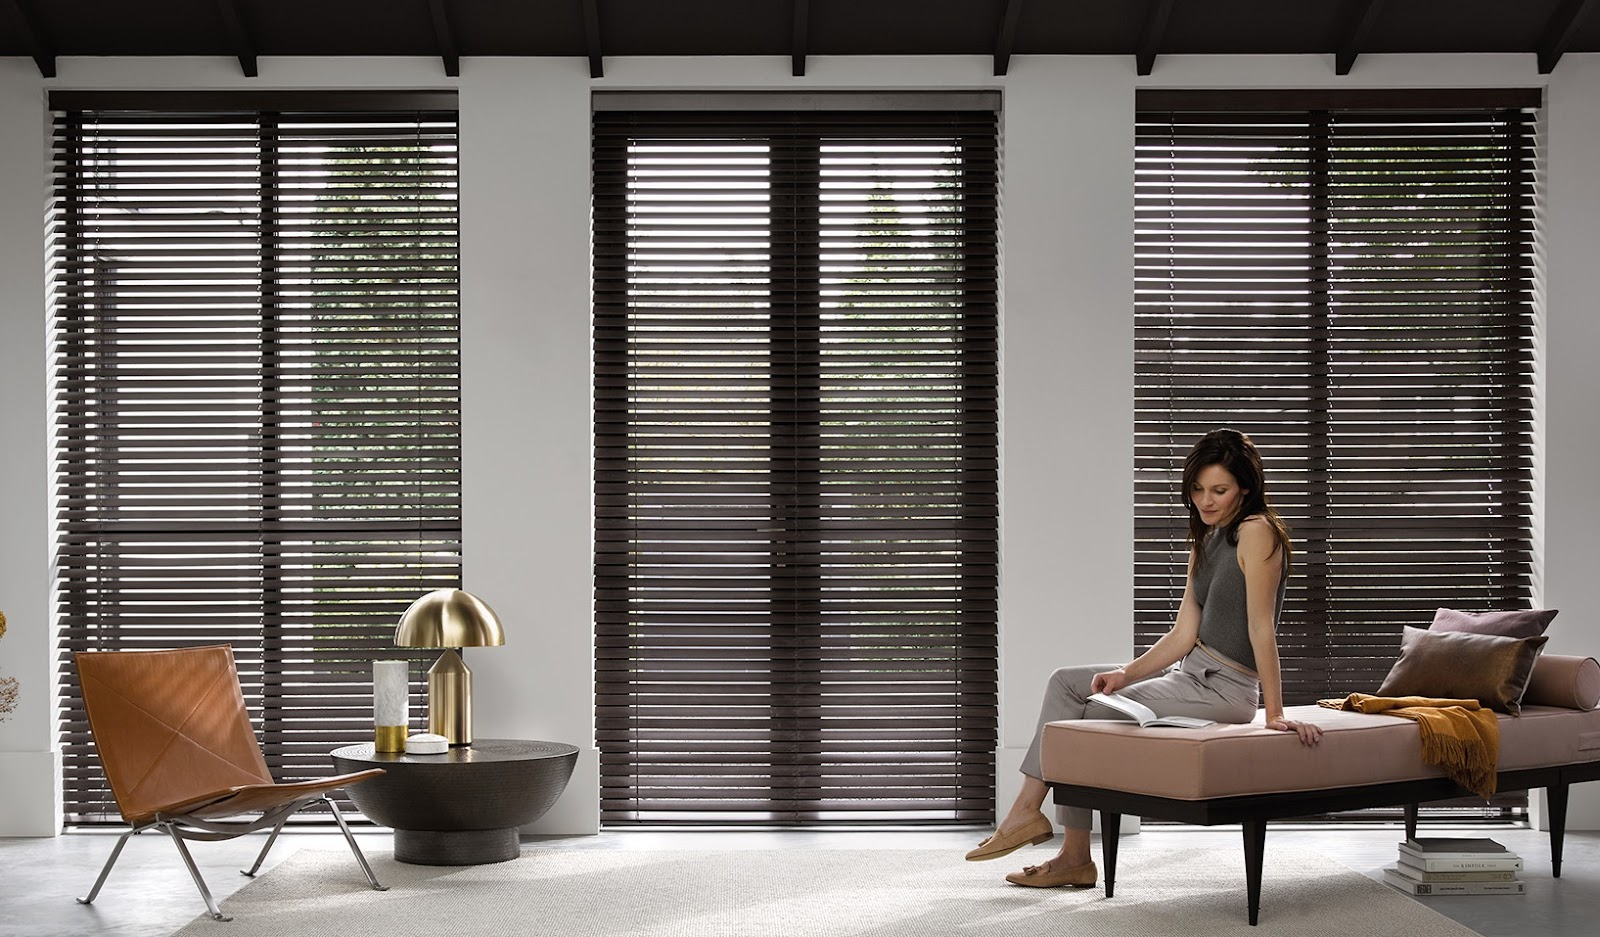 Persianas en madera por qu estas cortinas son una buena for Ventanas con persianas incorporadas